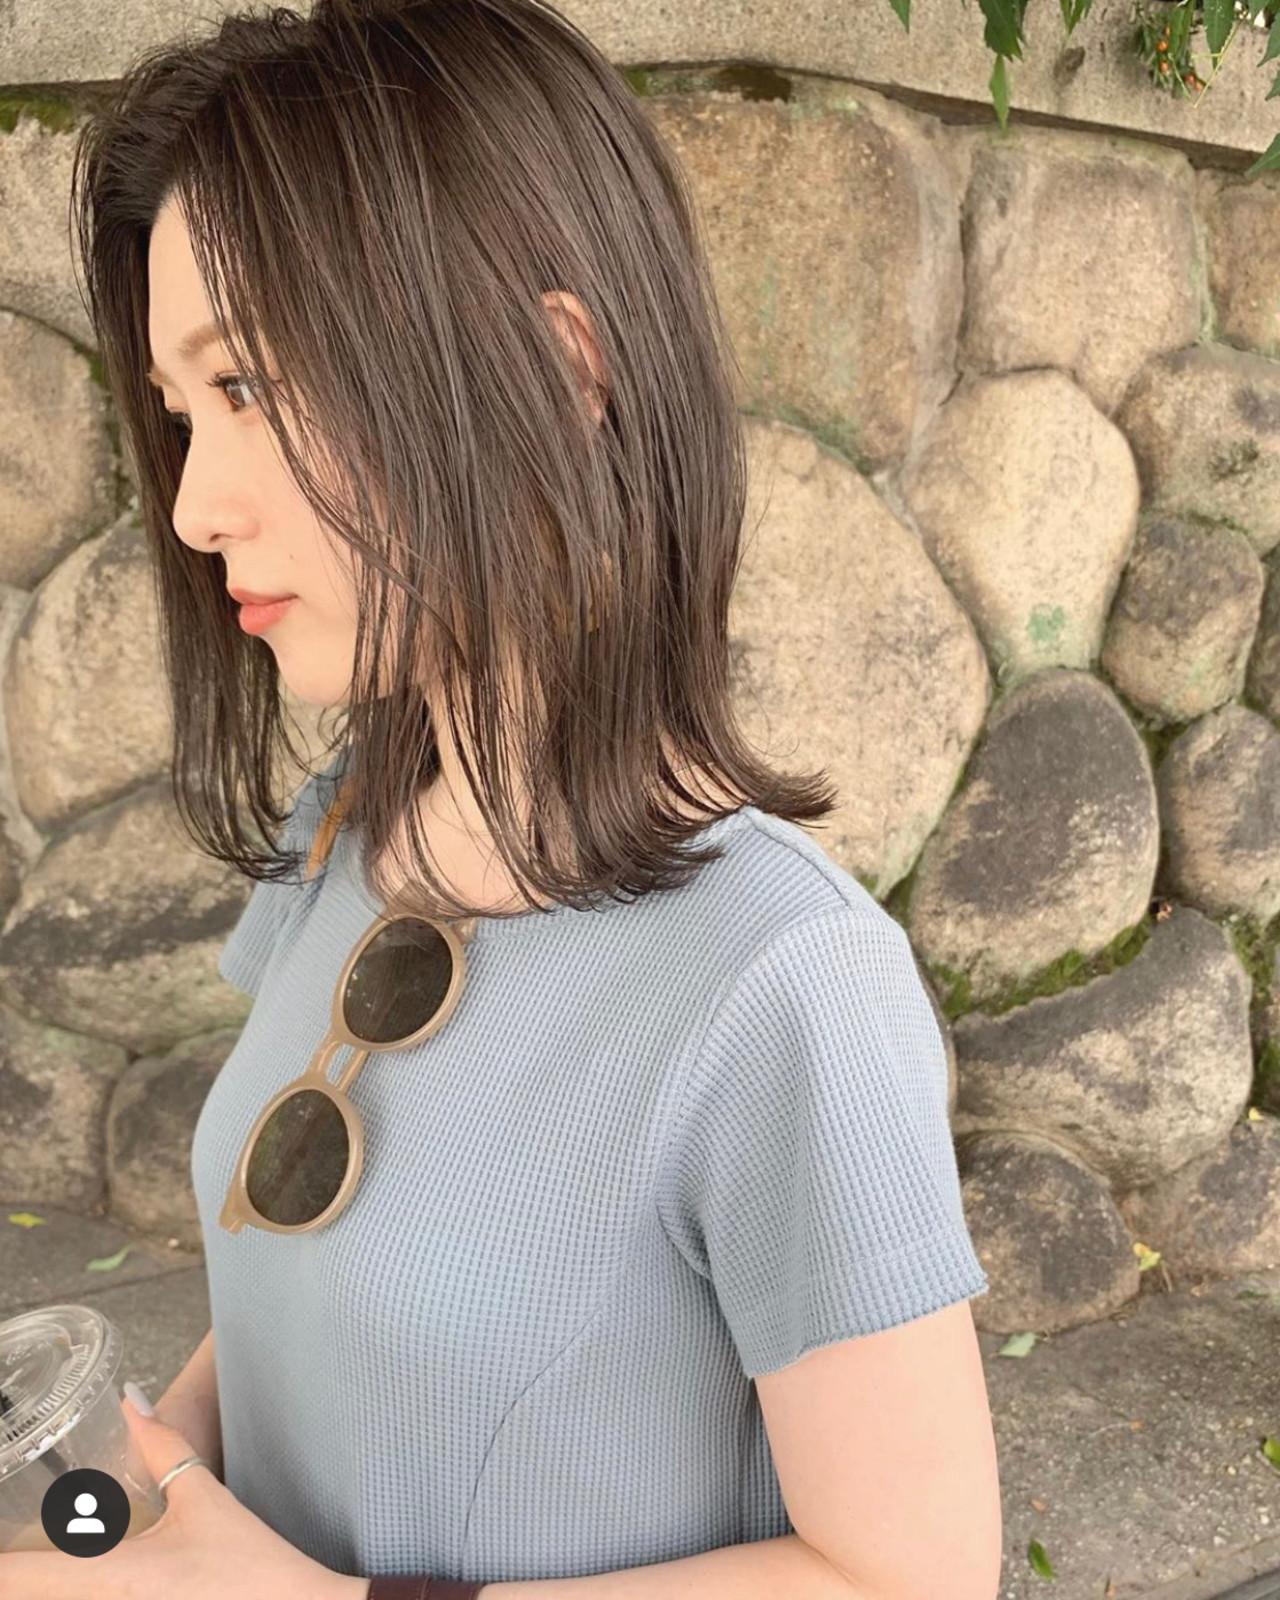 切りっぱなしボブ ミニボブ ボブ ショートヘア ヘアスタイルや髪型の写真・画像 | KENTO.NOESALON / NOE SALON